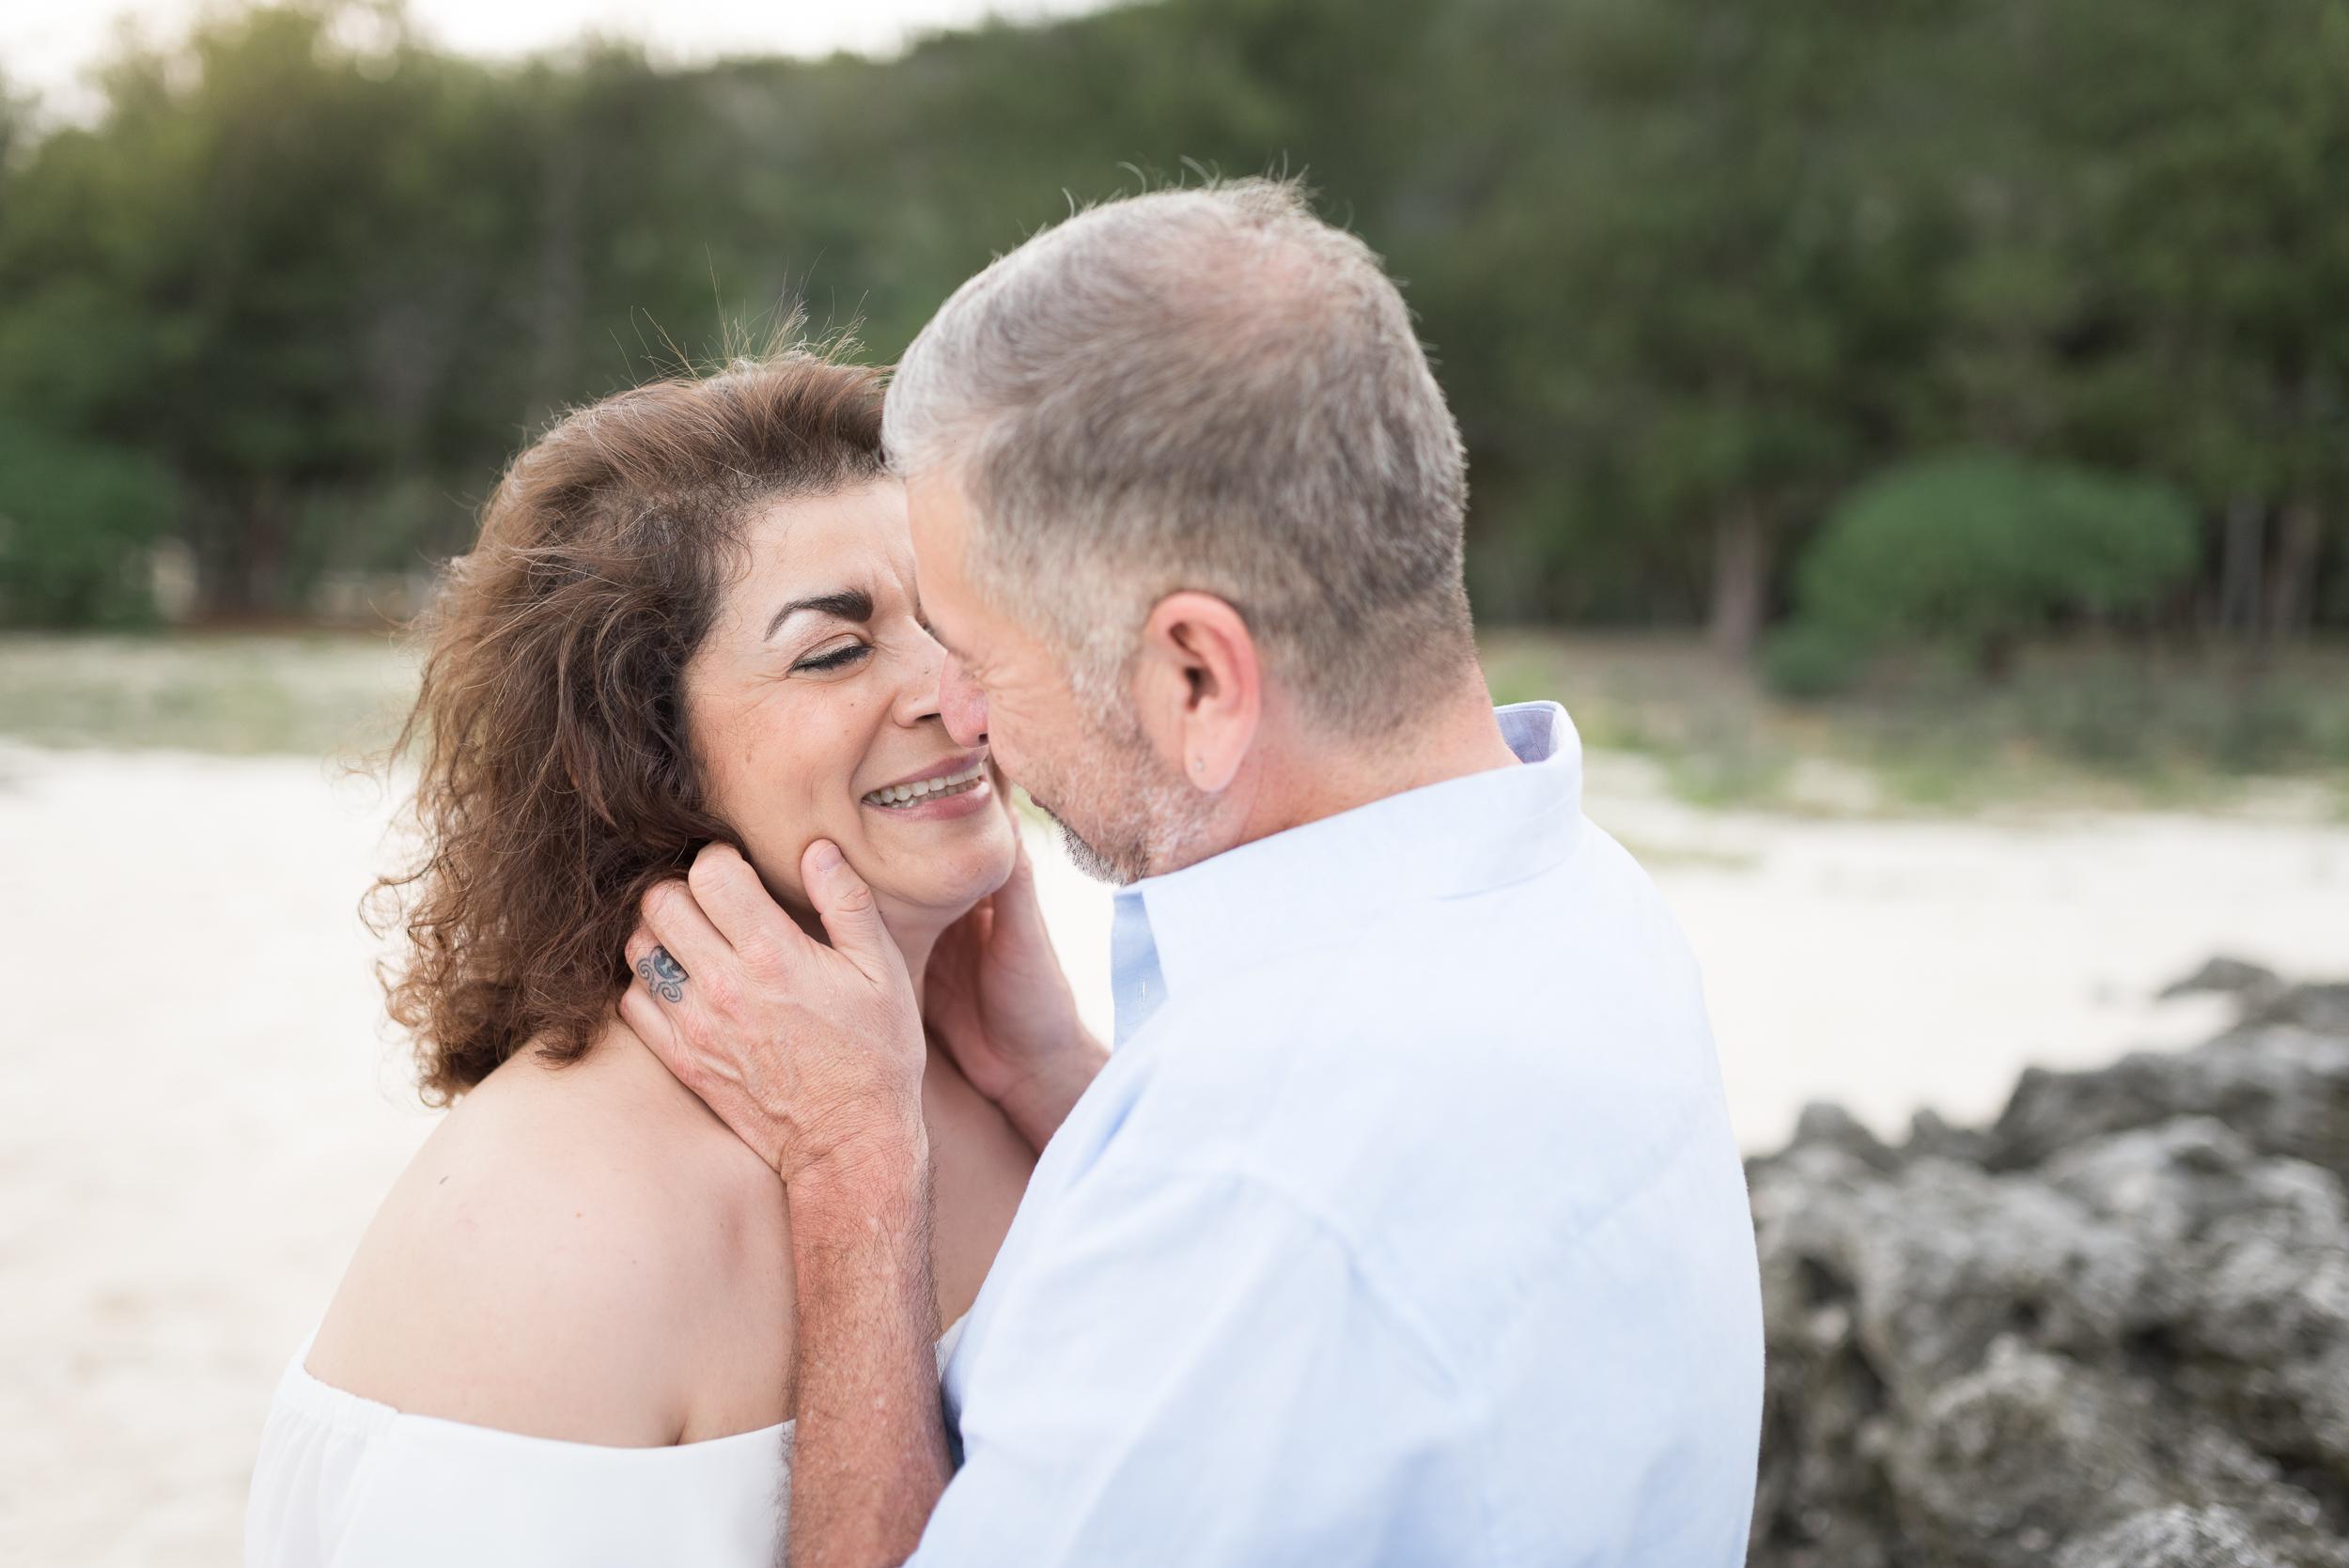 CouplesSessionTaragueGuamPhotographer-ROXANNEAUGUSTA-16.jpg